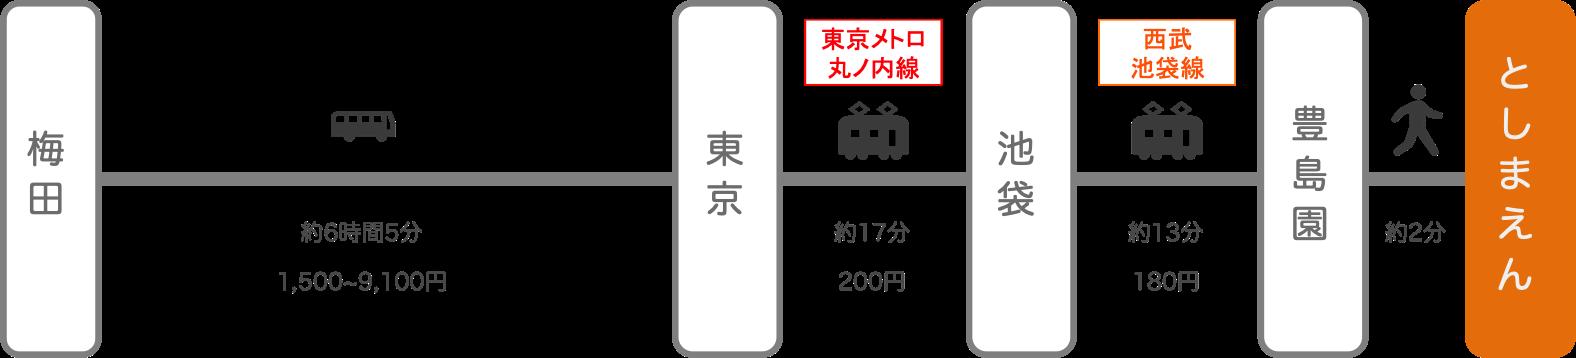 としまえん_大阪_高速バス